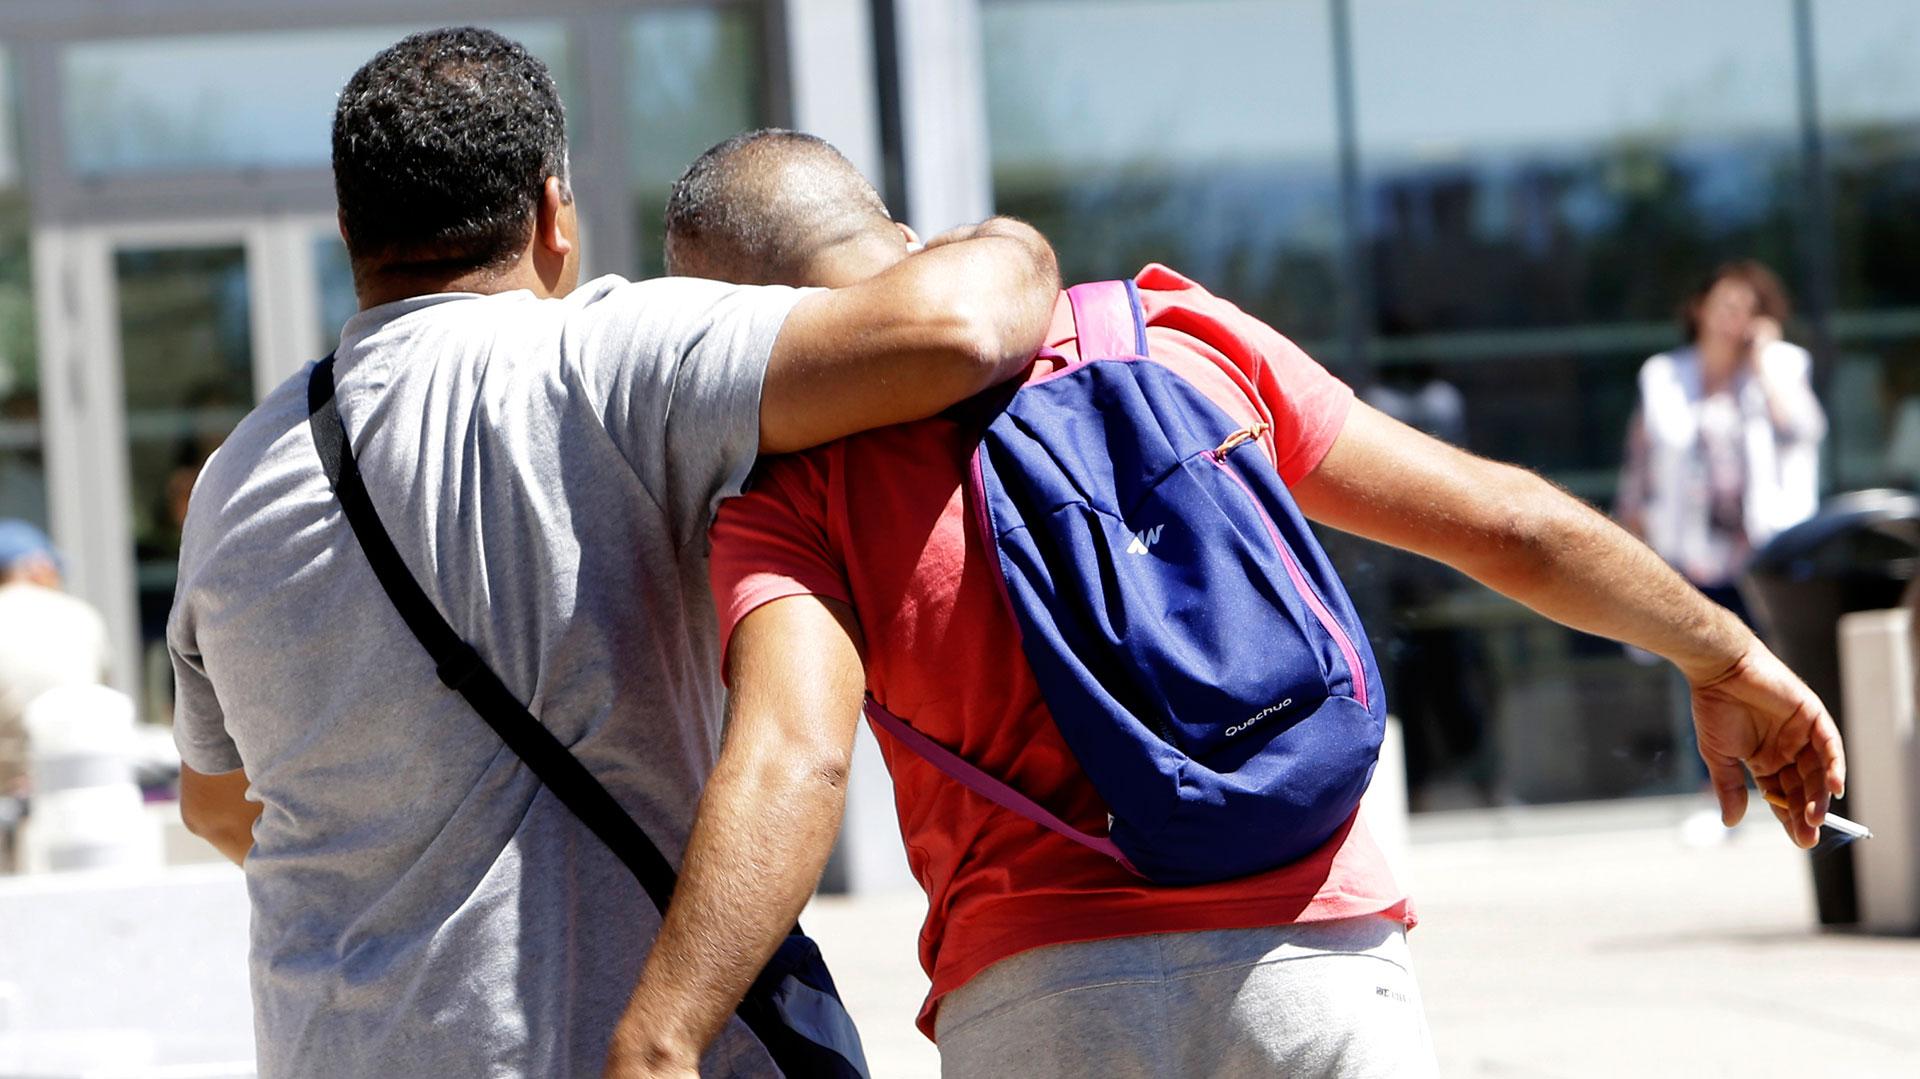 Nadie podrá detener la angustia de Mejri al conocer que su hijo de cuatro años murió en el atentado de Niza (AP)